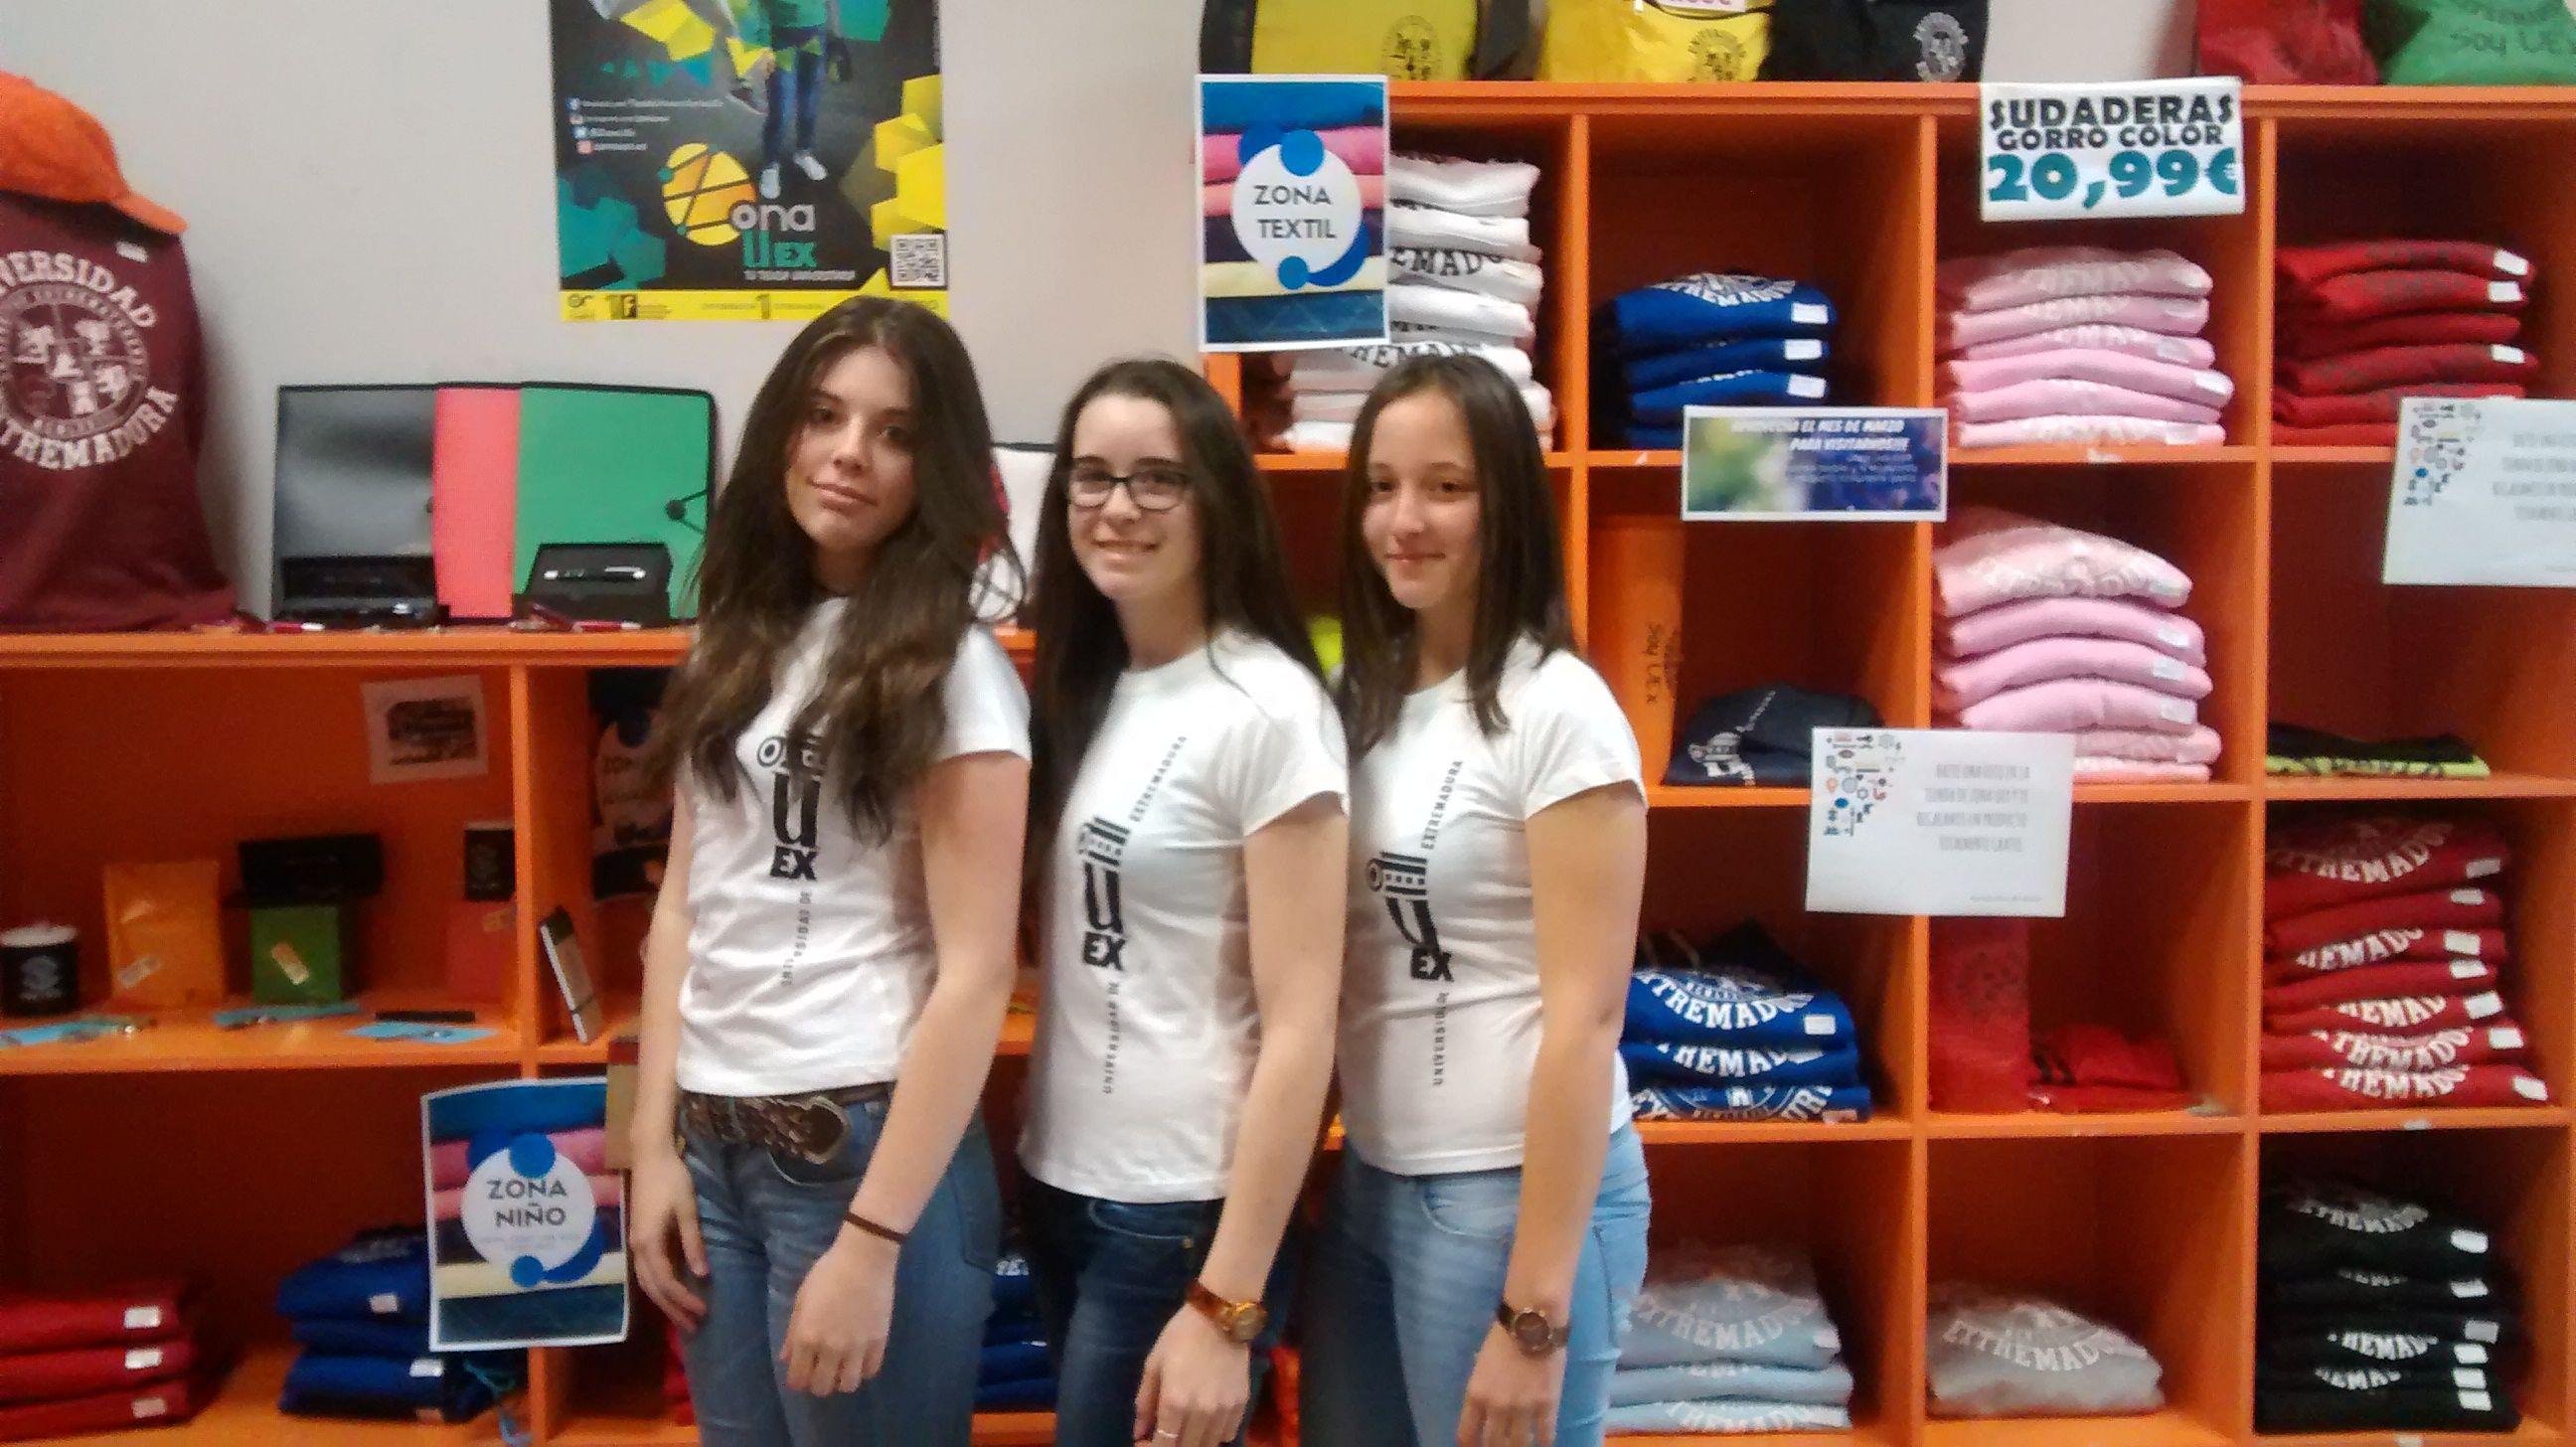 Empezamos el Marte 17 con 3 chicas de blanco.jejejej  Gracias !!